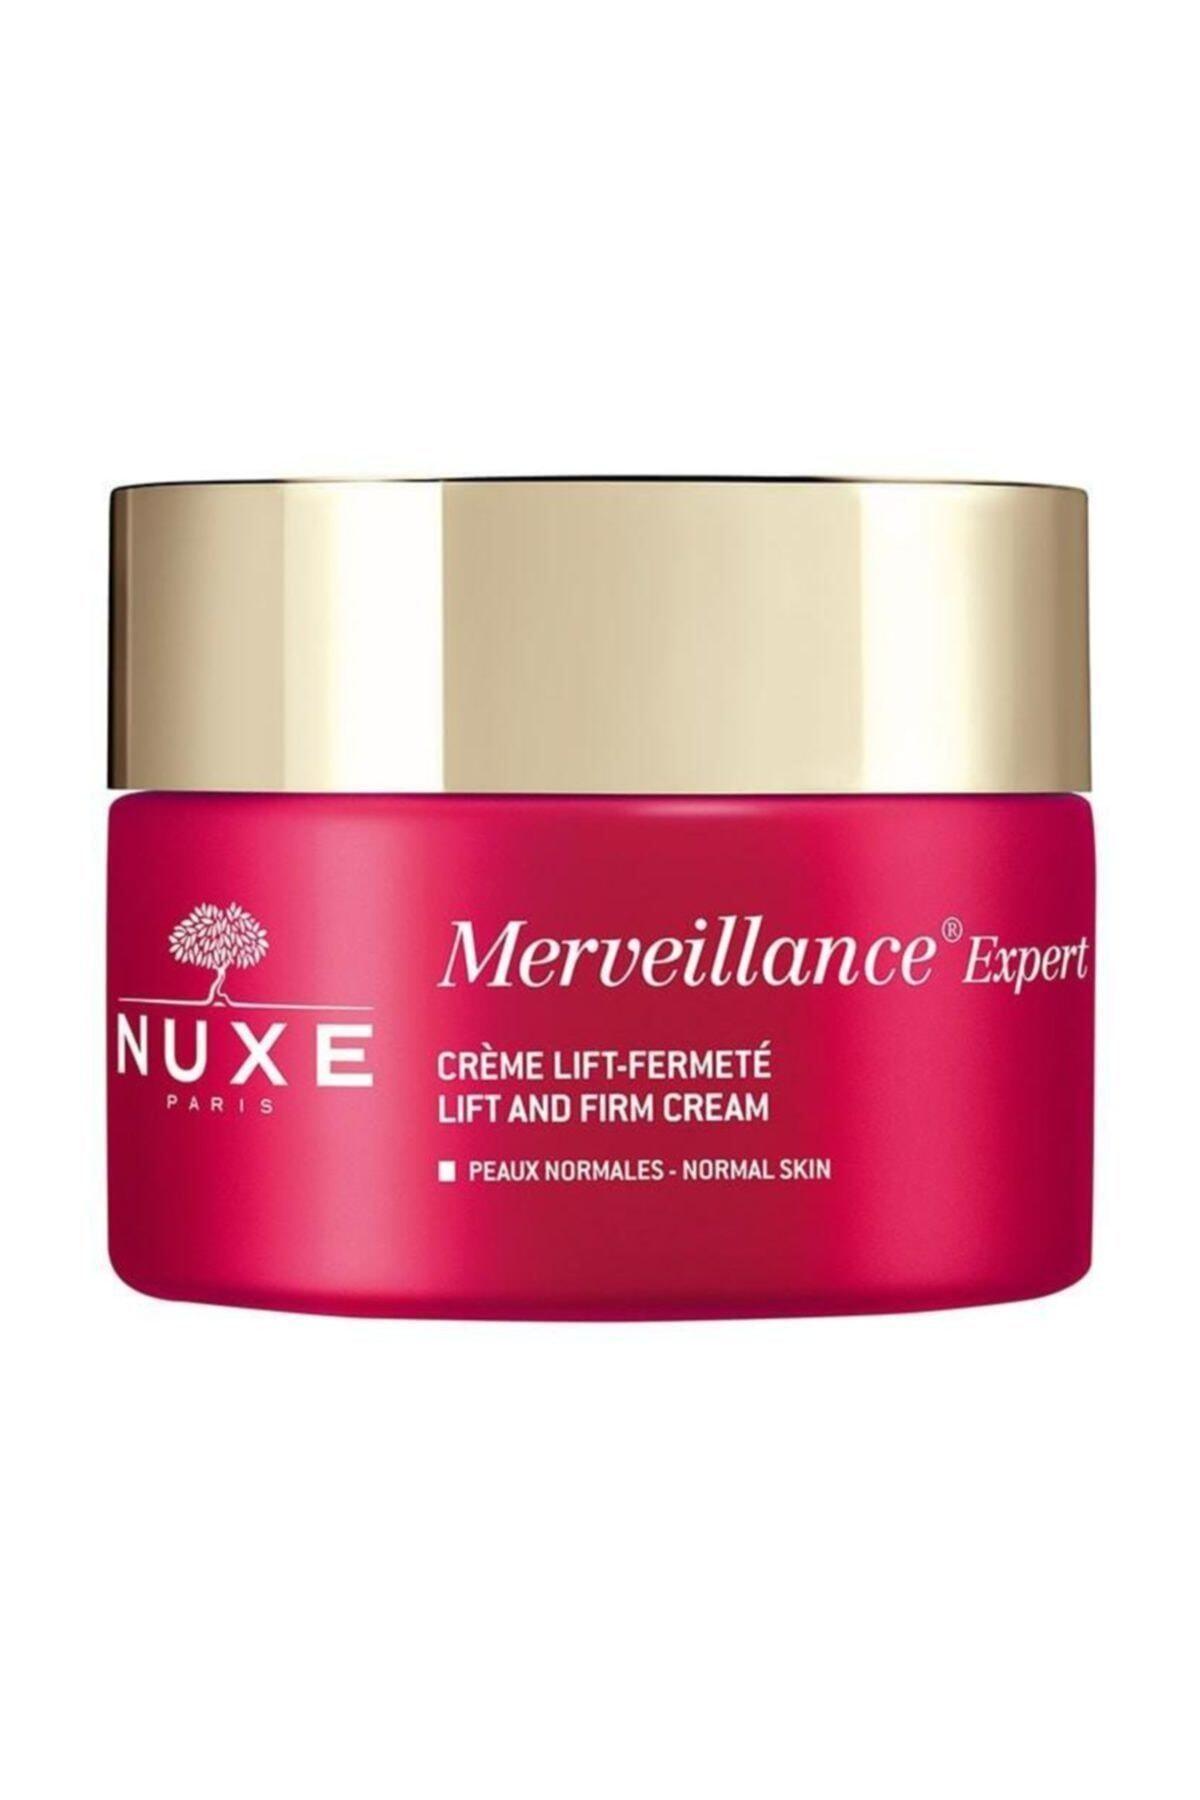 Nuxe Merveillance Expert Lift And Firm Krem 50 ml 1